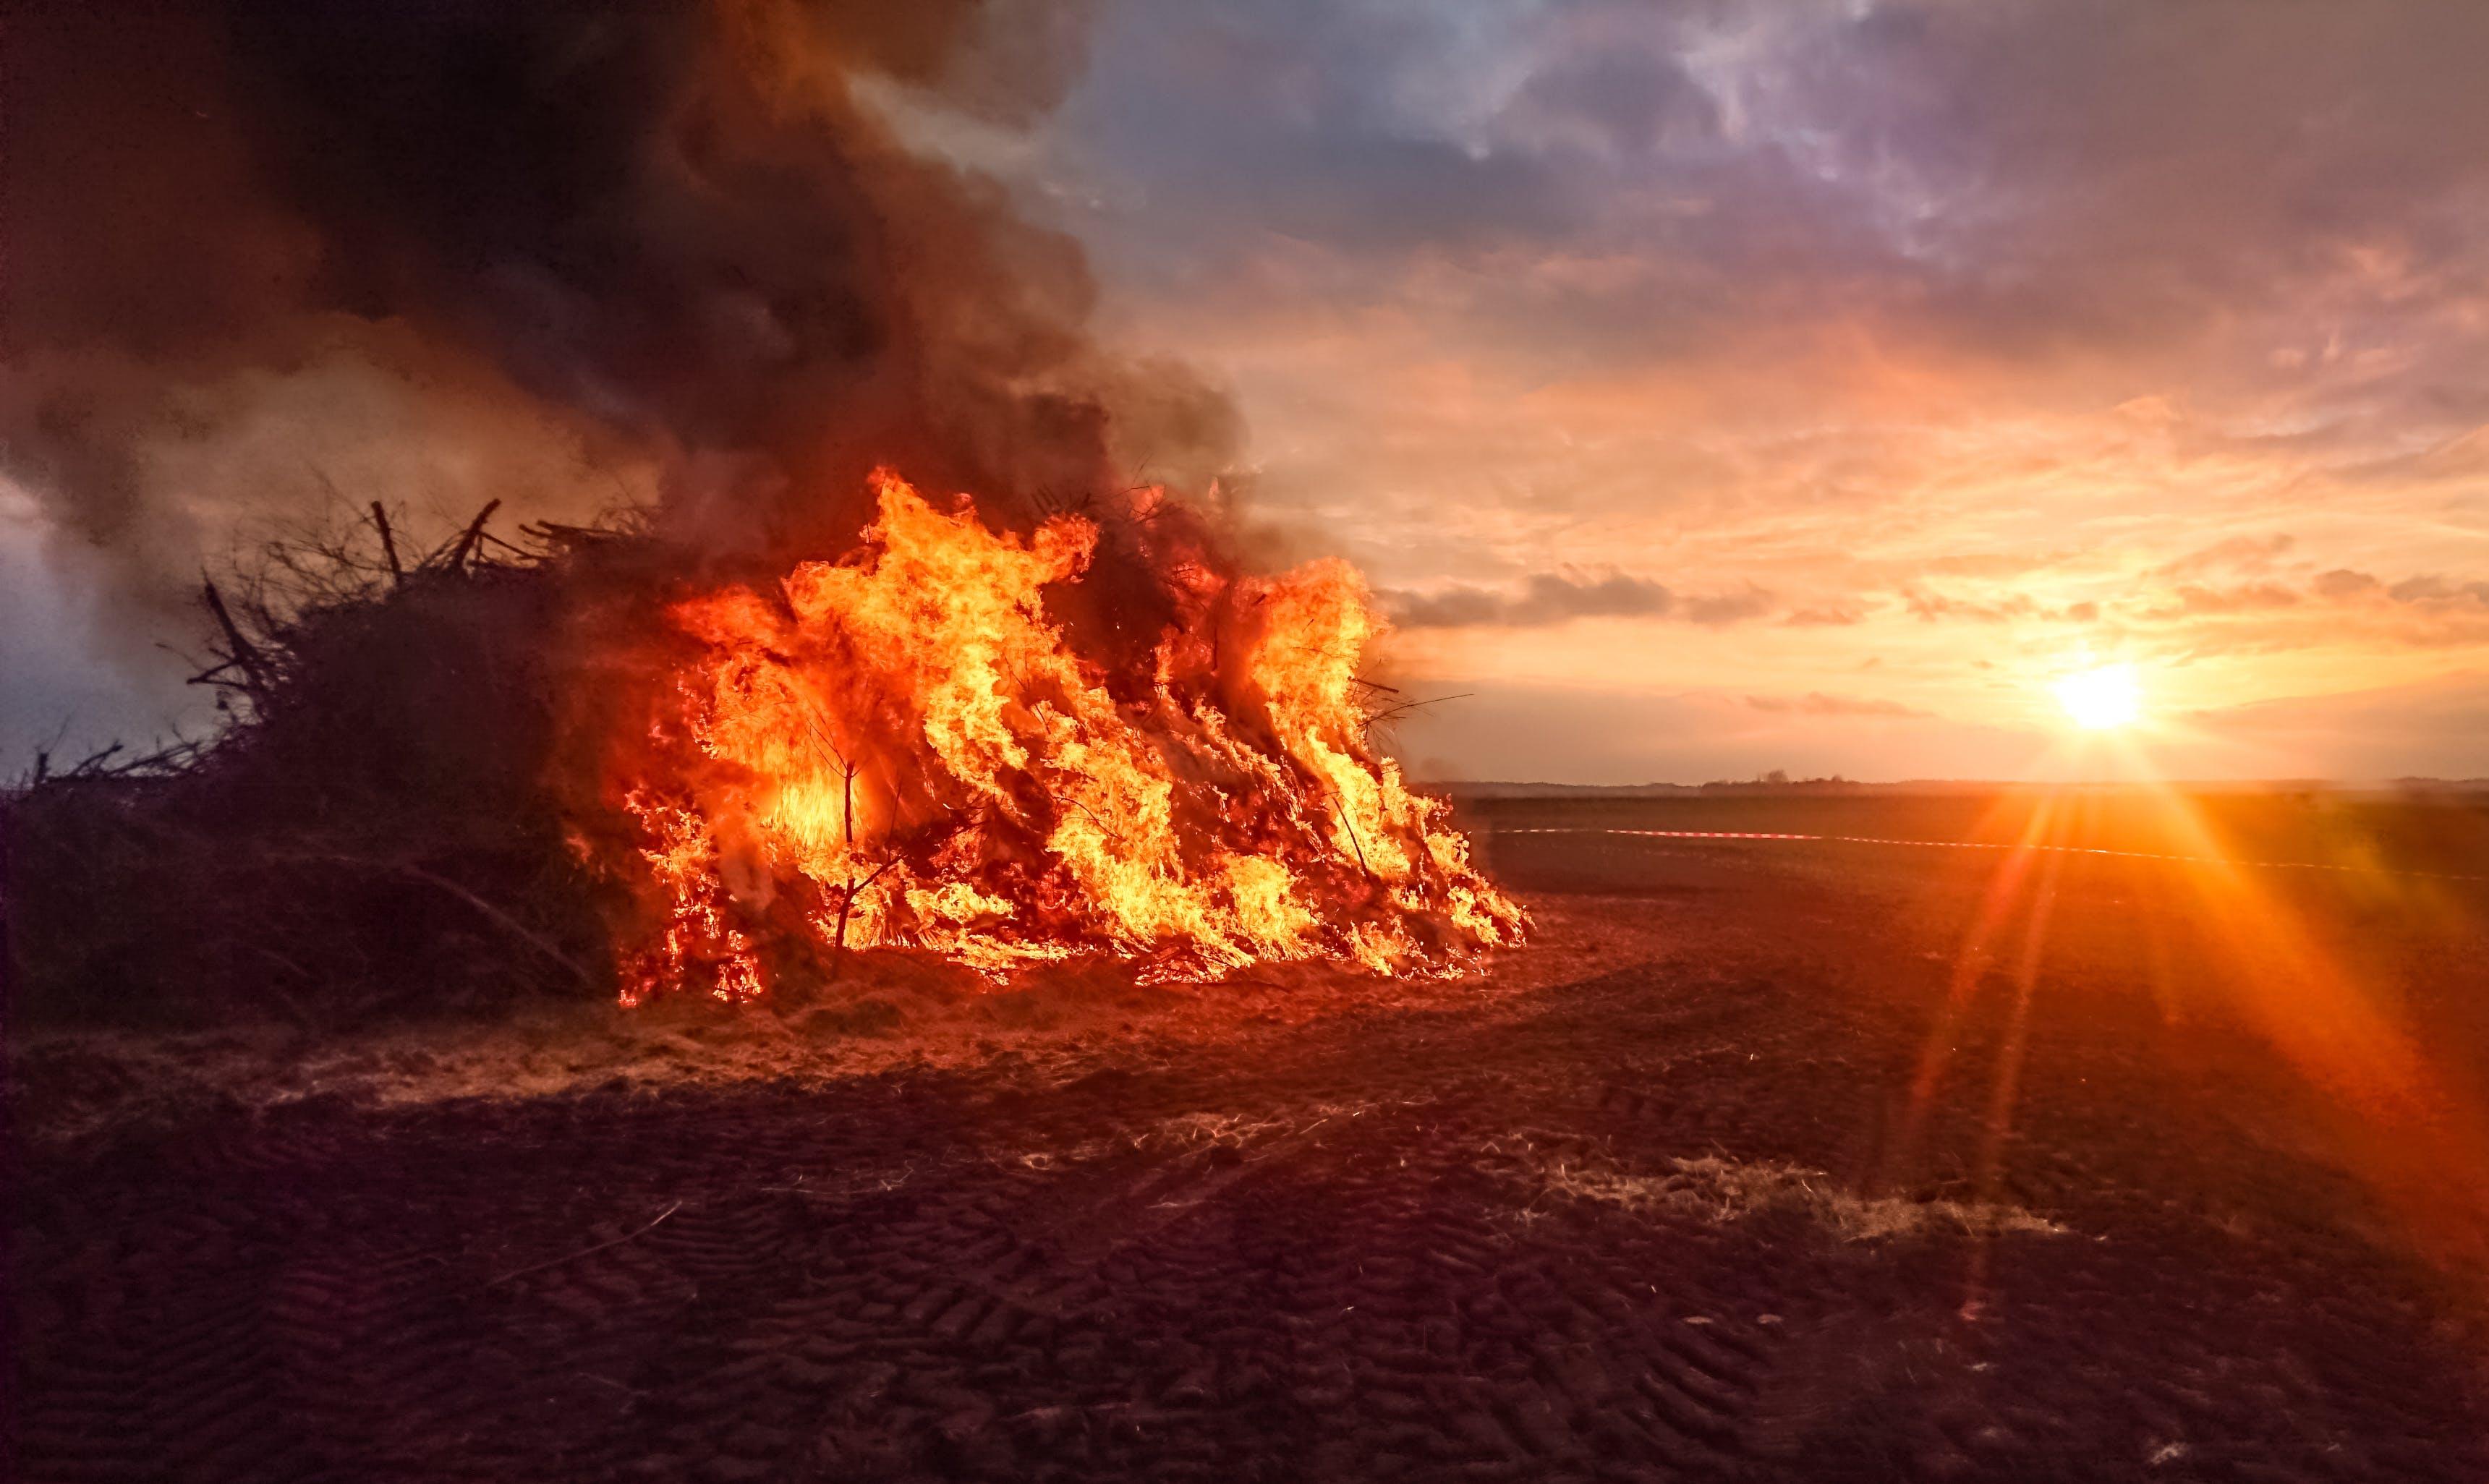 Foto profissional grátis de água, alvorecer, ardente, calamidade